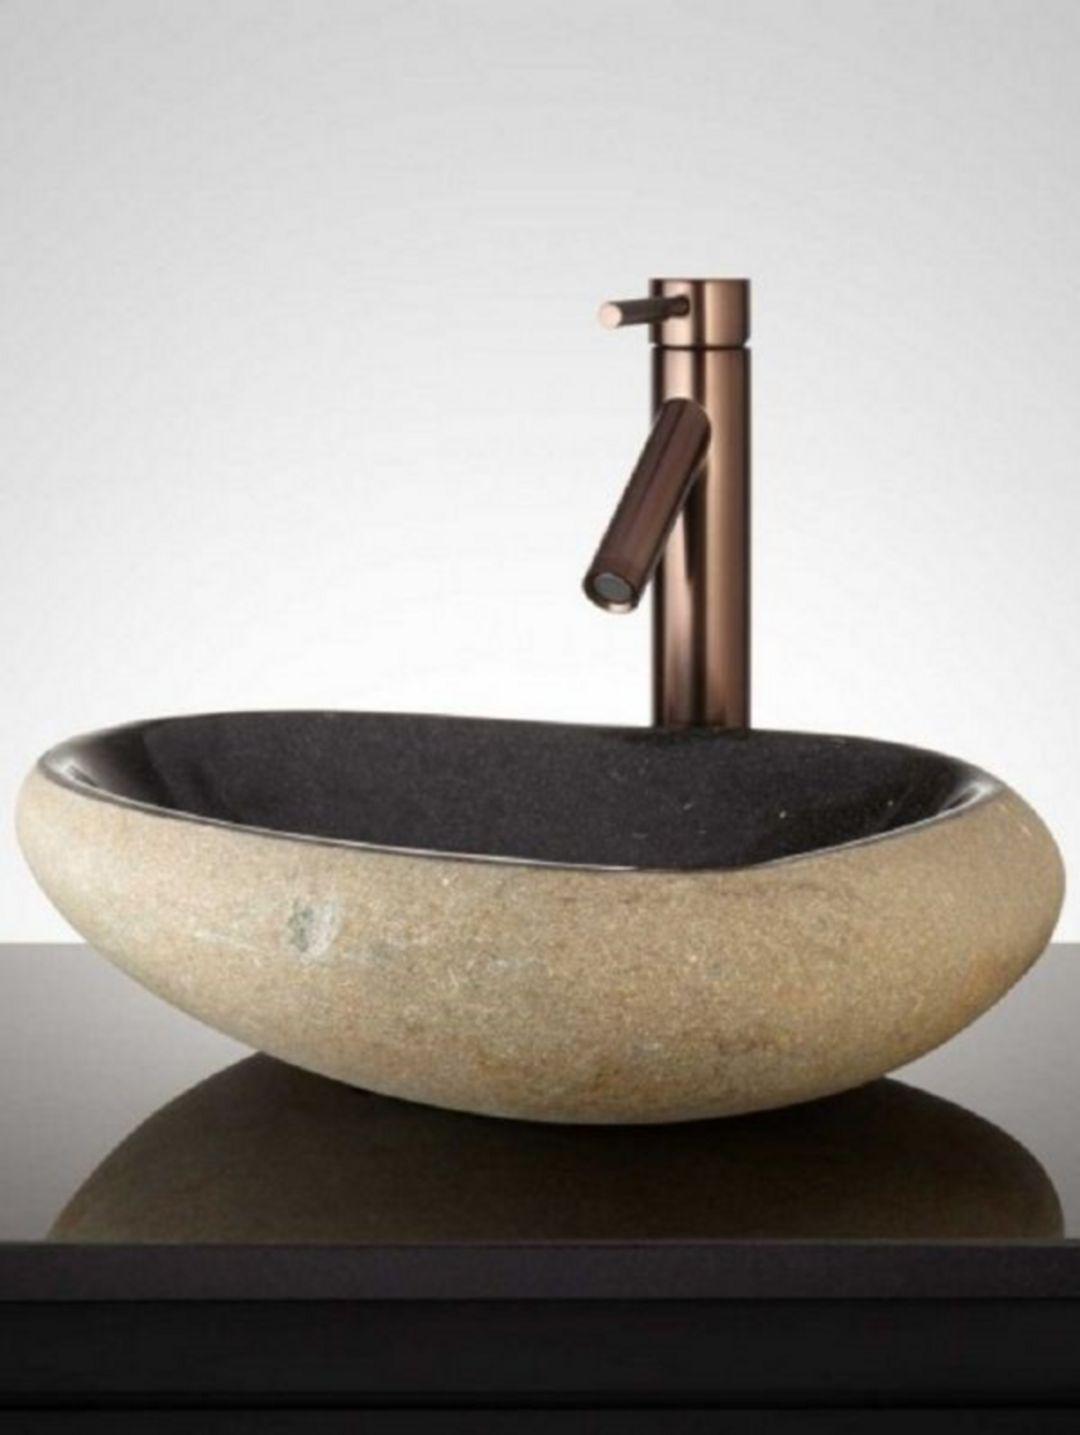 10 Unique Bathroom Sink Designs That Make Your Home More Stylish Decor It S Unique Sinks Unique Bathroom Sinks Sink Design